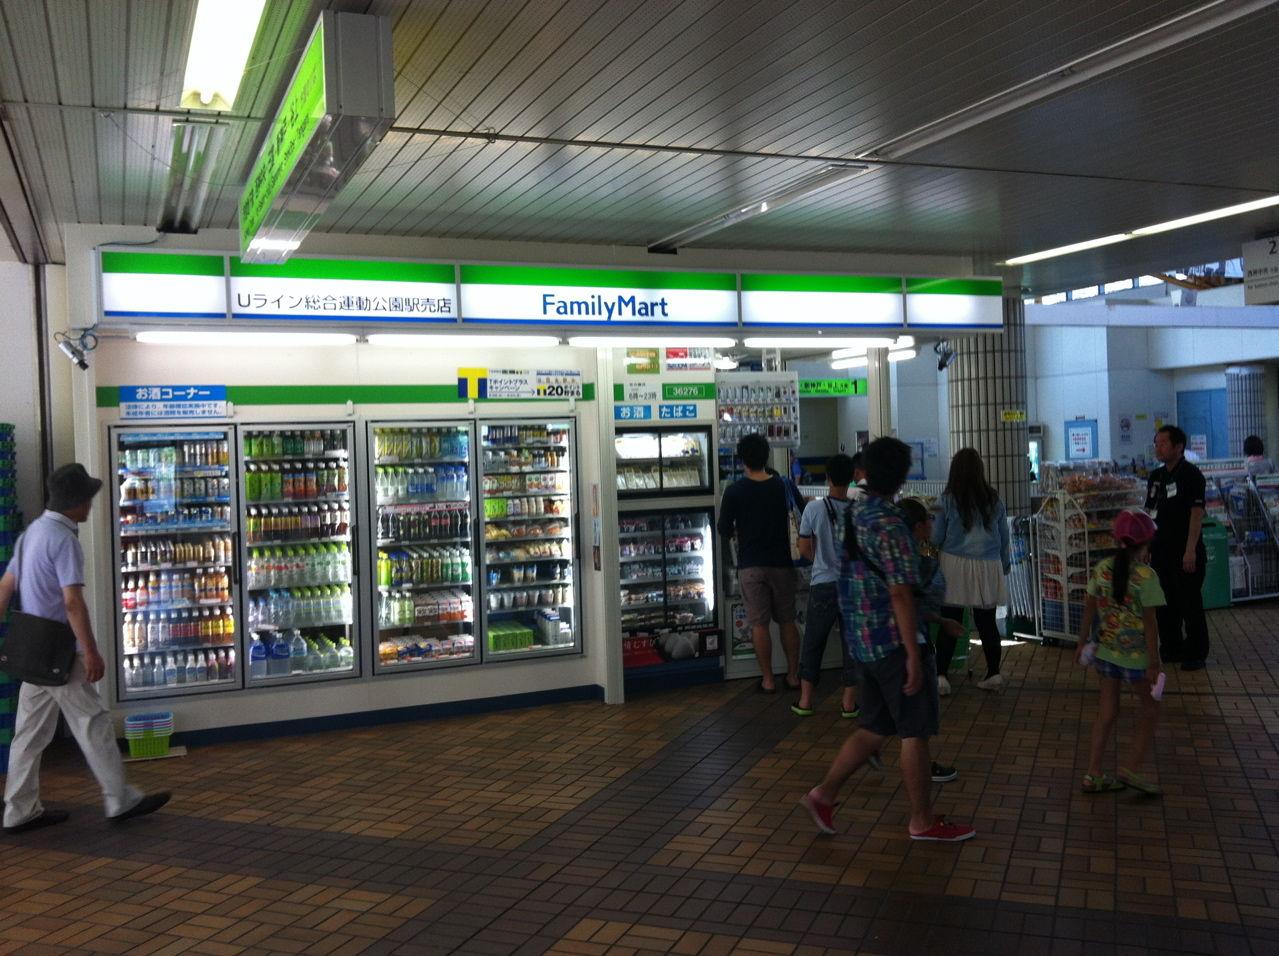 ファミリーマートUライン総合運動公園駅売店